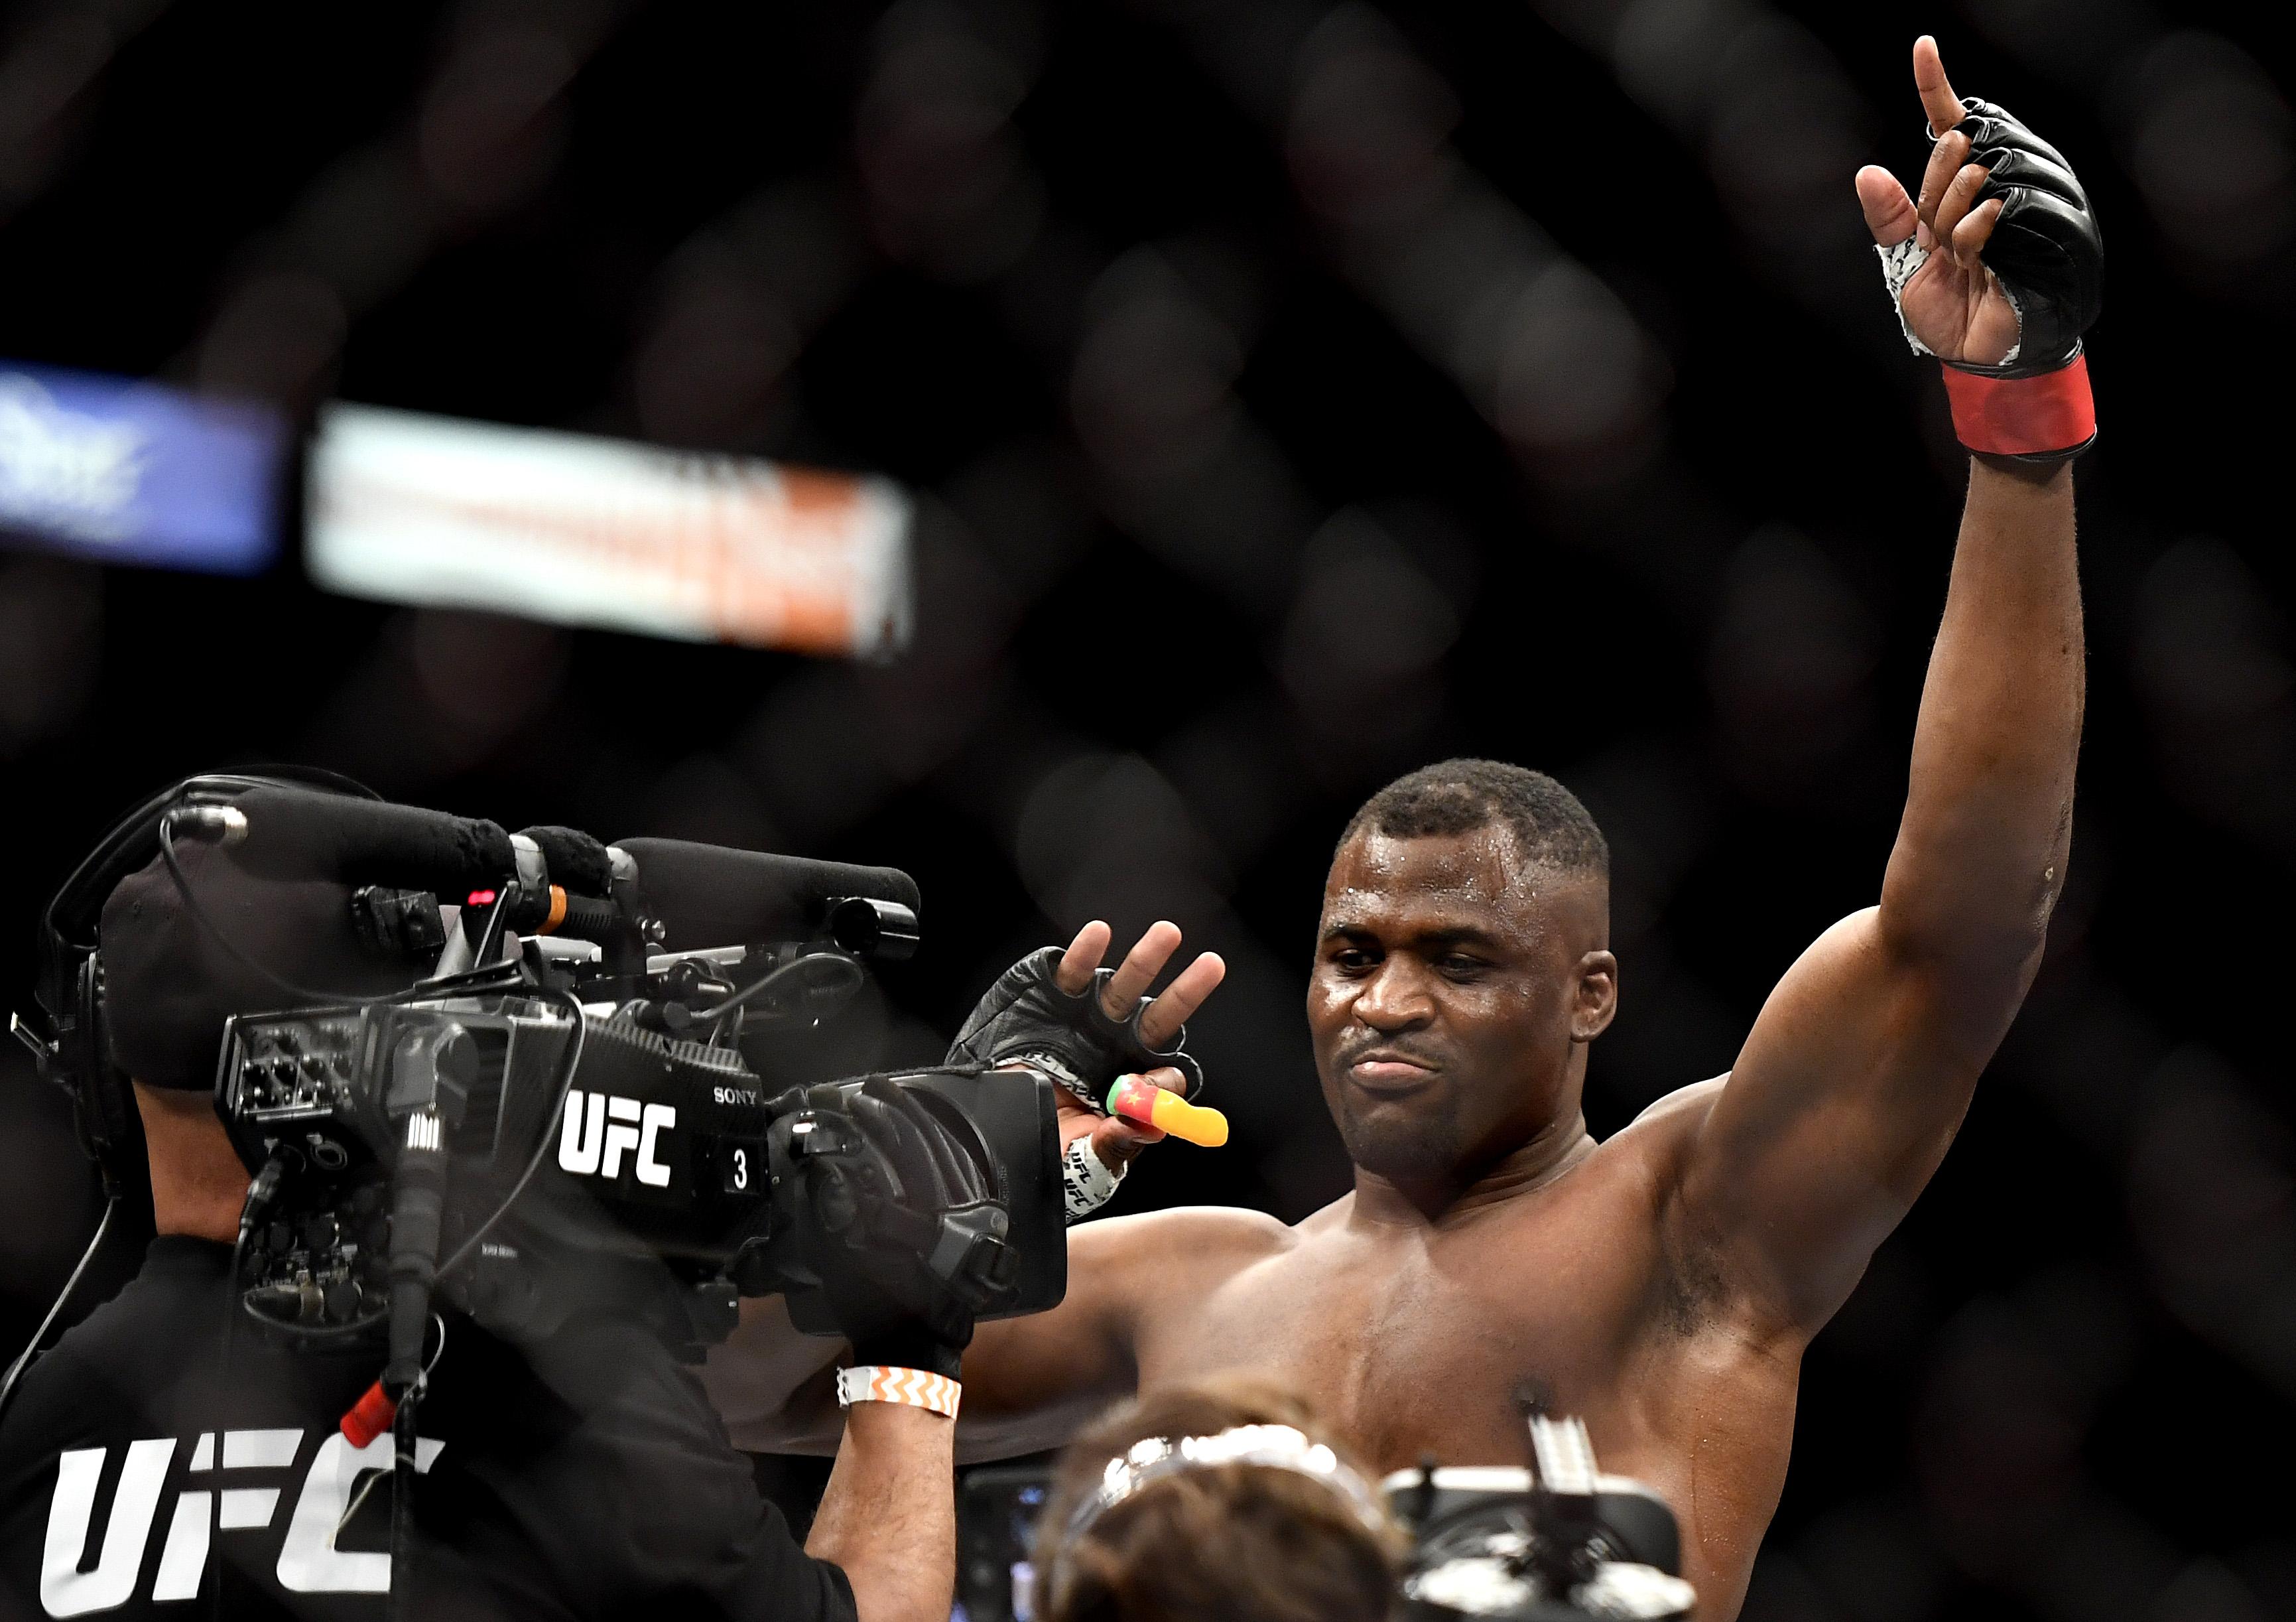 UFC 249 Ngannou v Rozenstruik